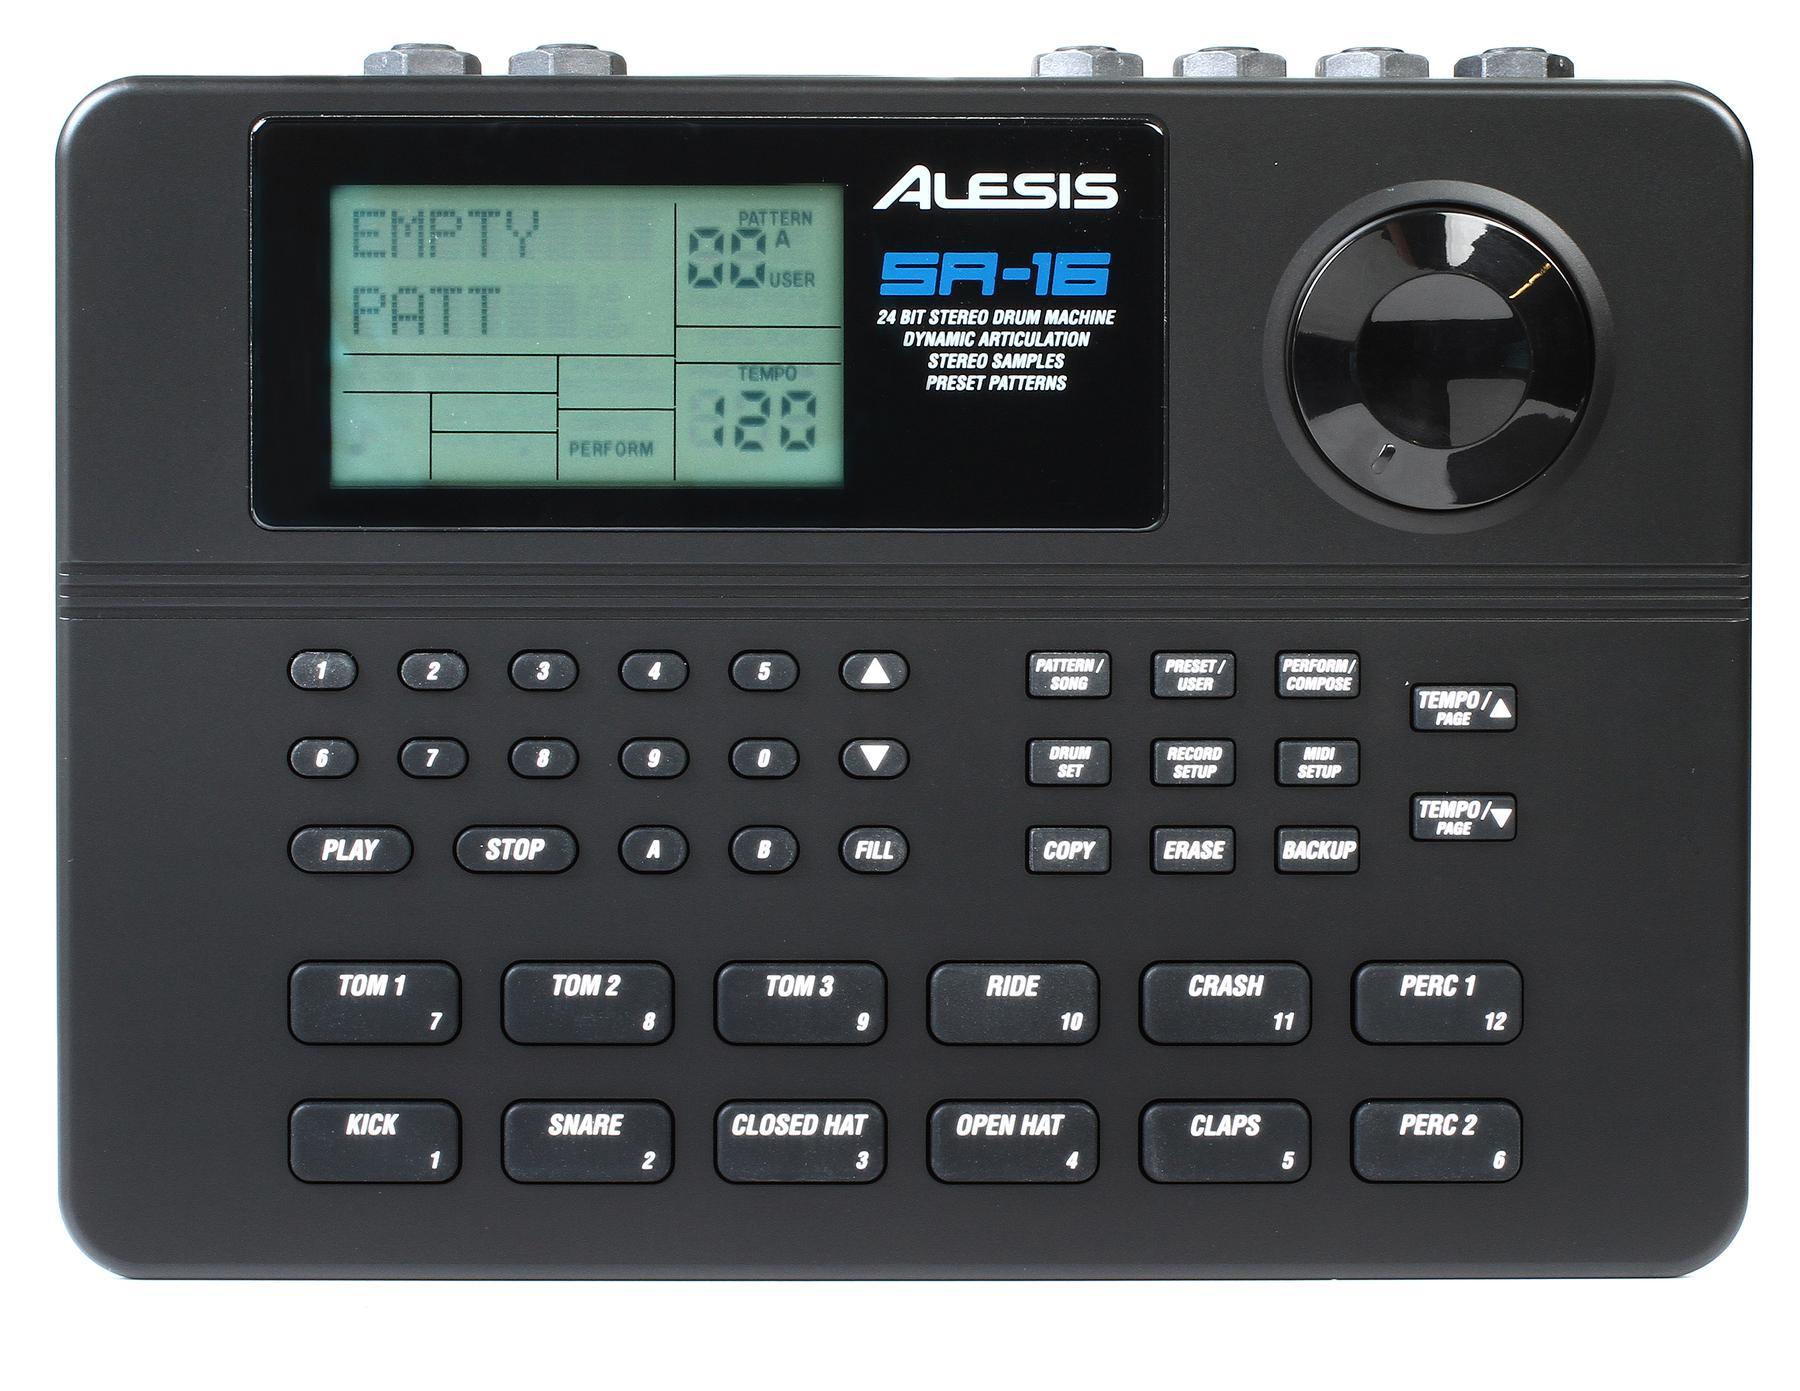 1. Alesis SR-16